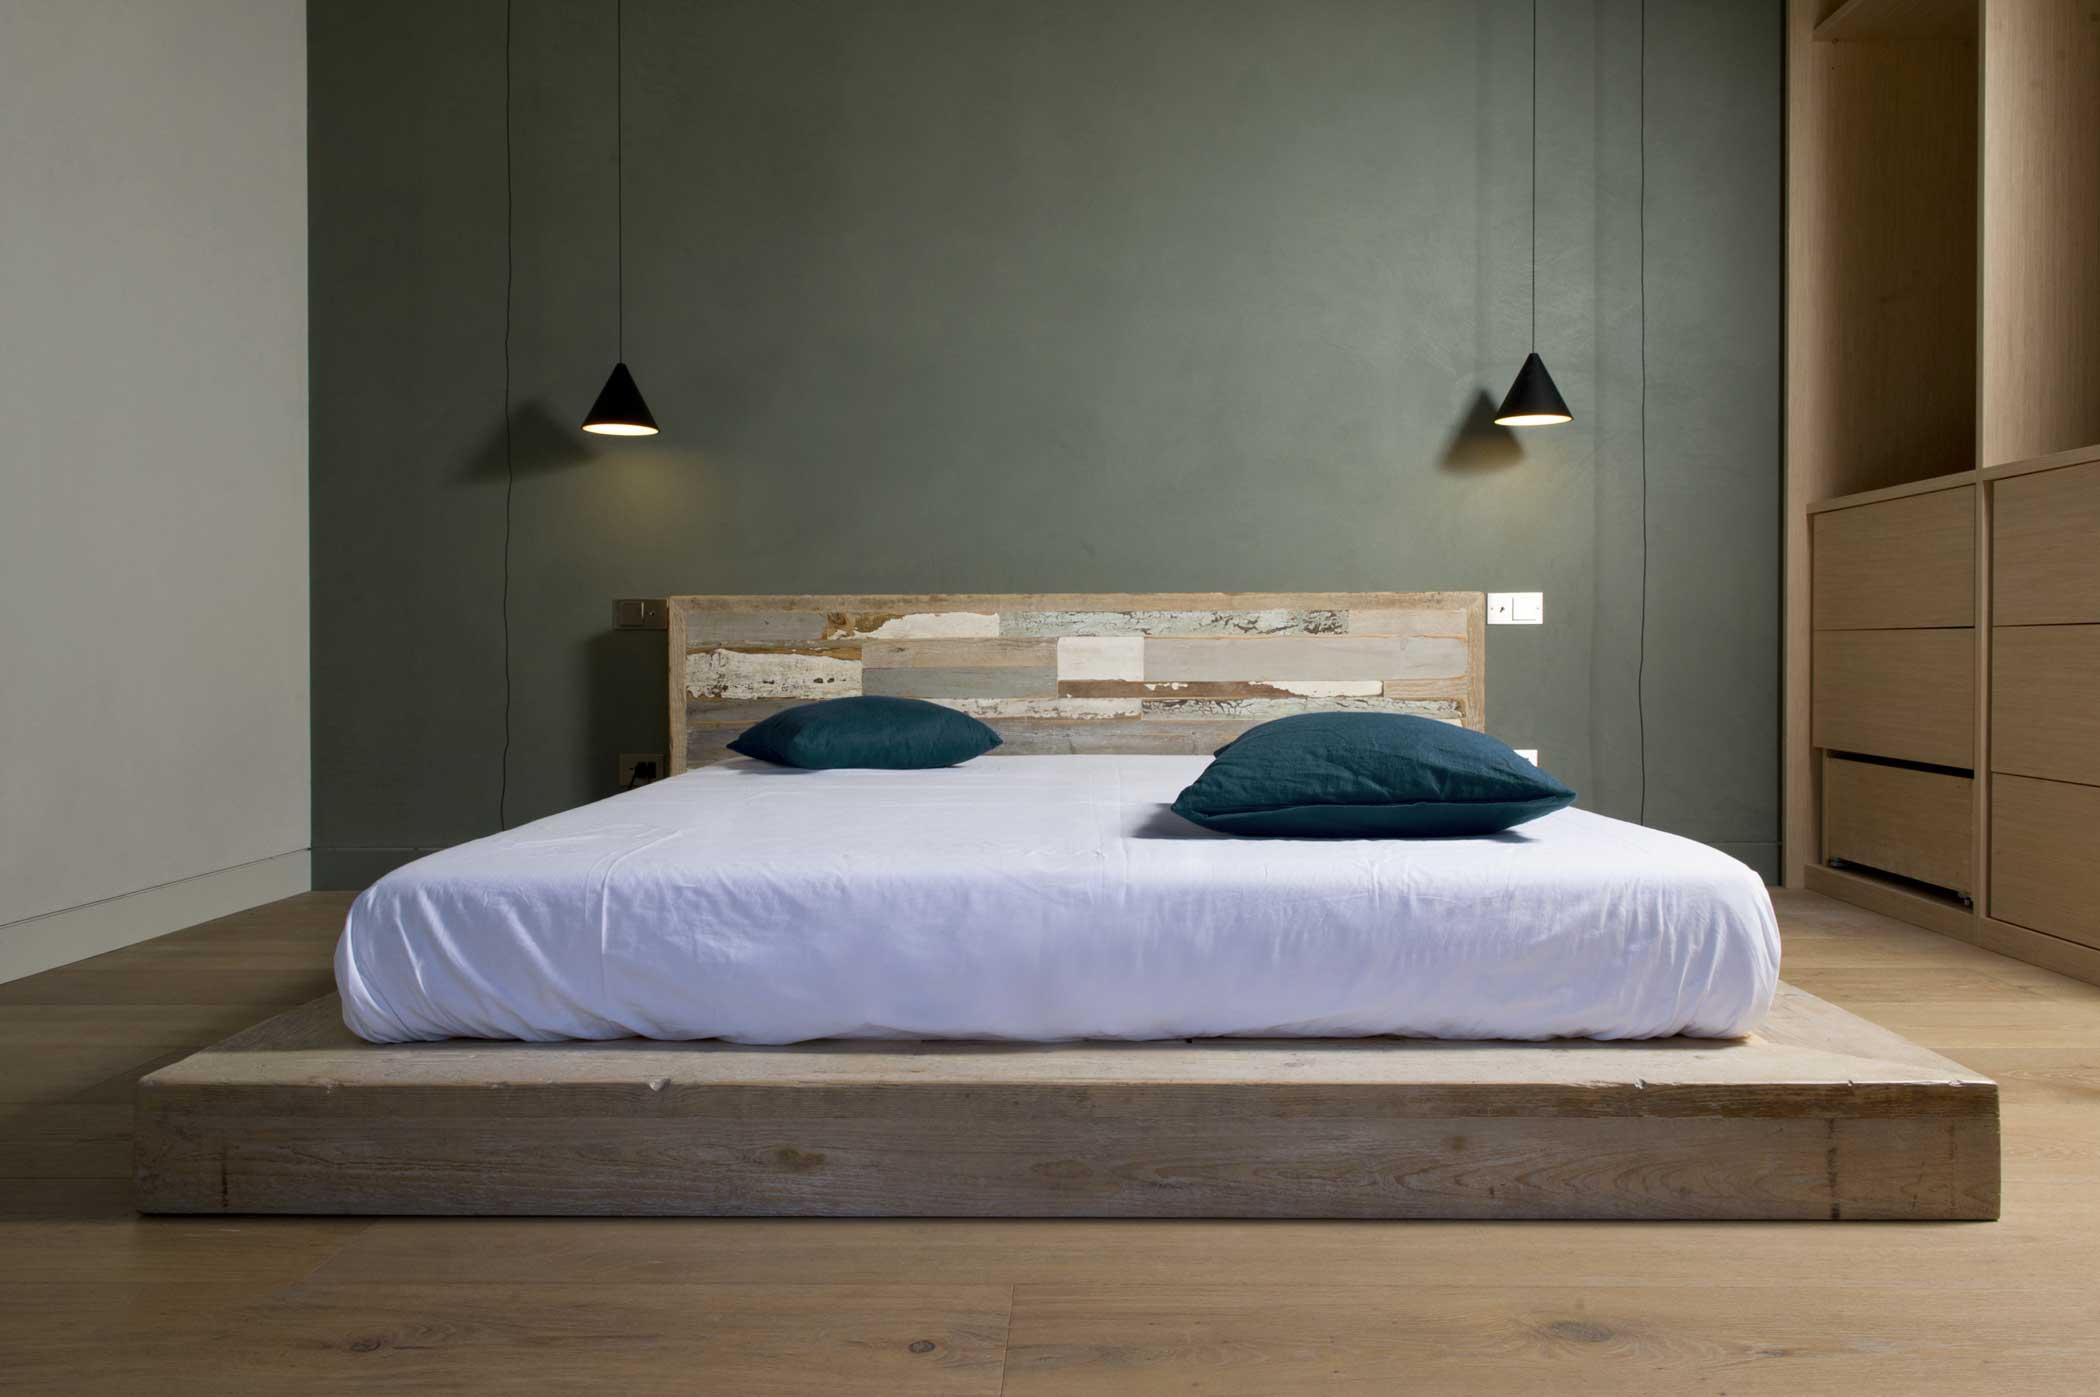 Struttura letto in legno fatto a mano su misura